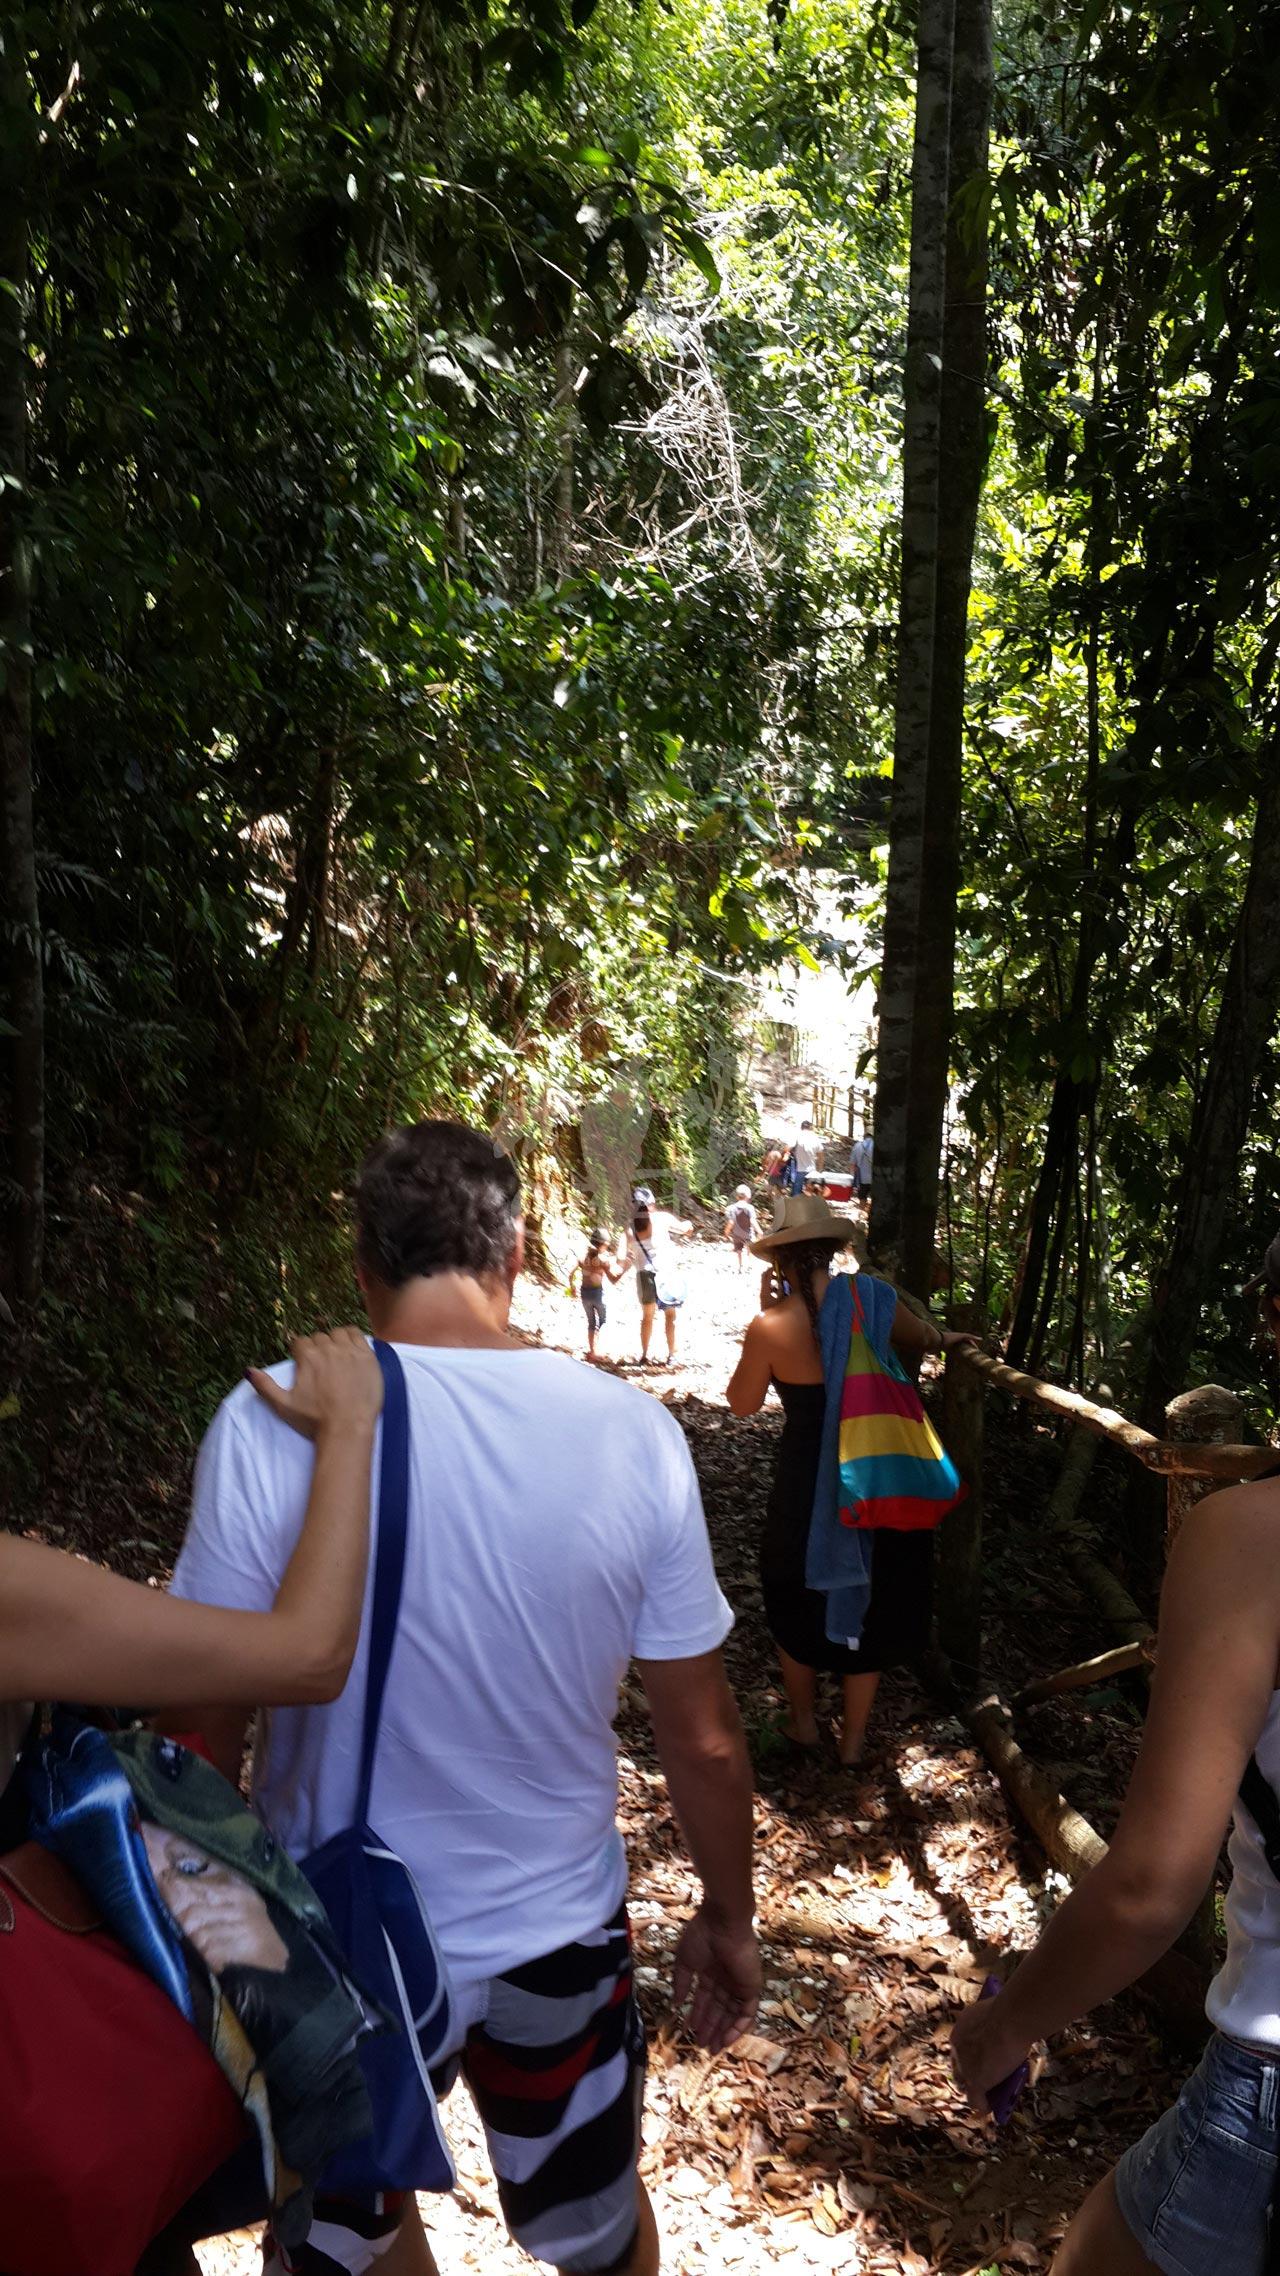 La expedición de bosques tropicales en familia sin falta… Hotel & Restaurante Parador del Gitano